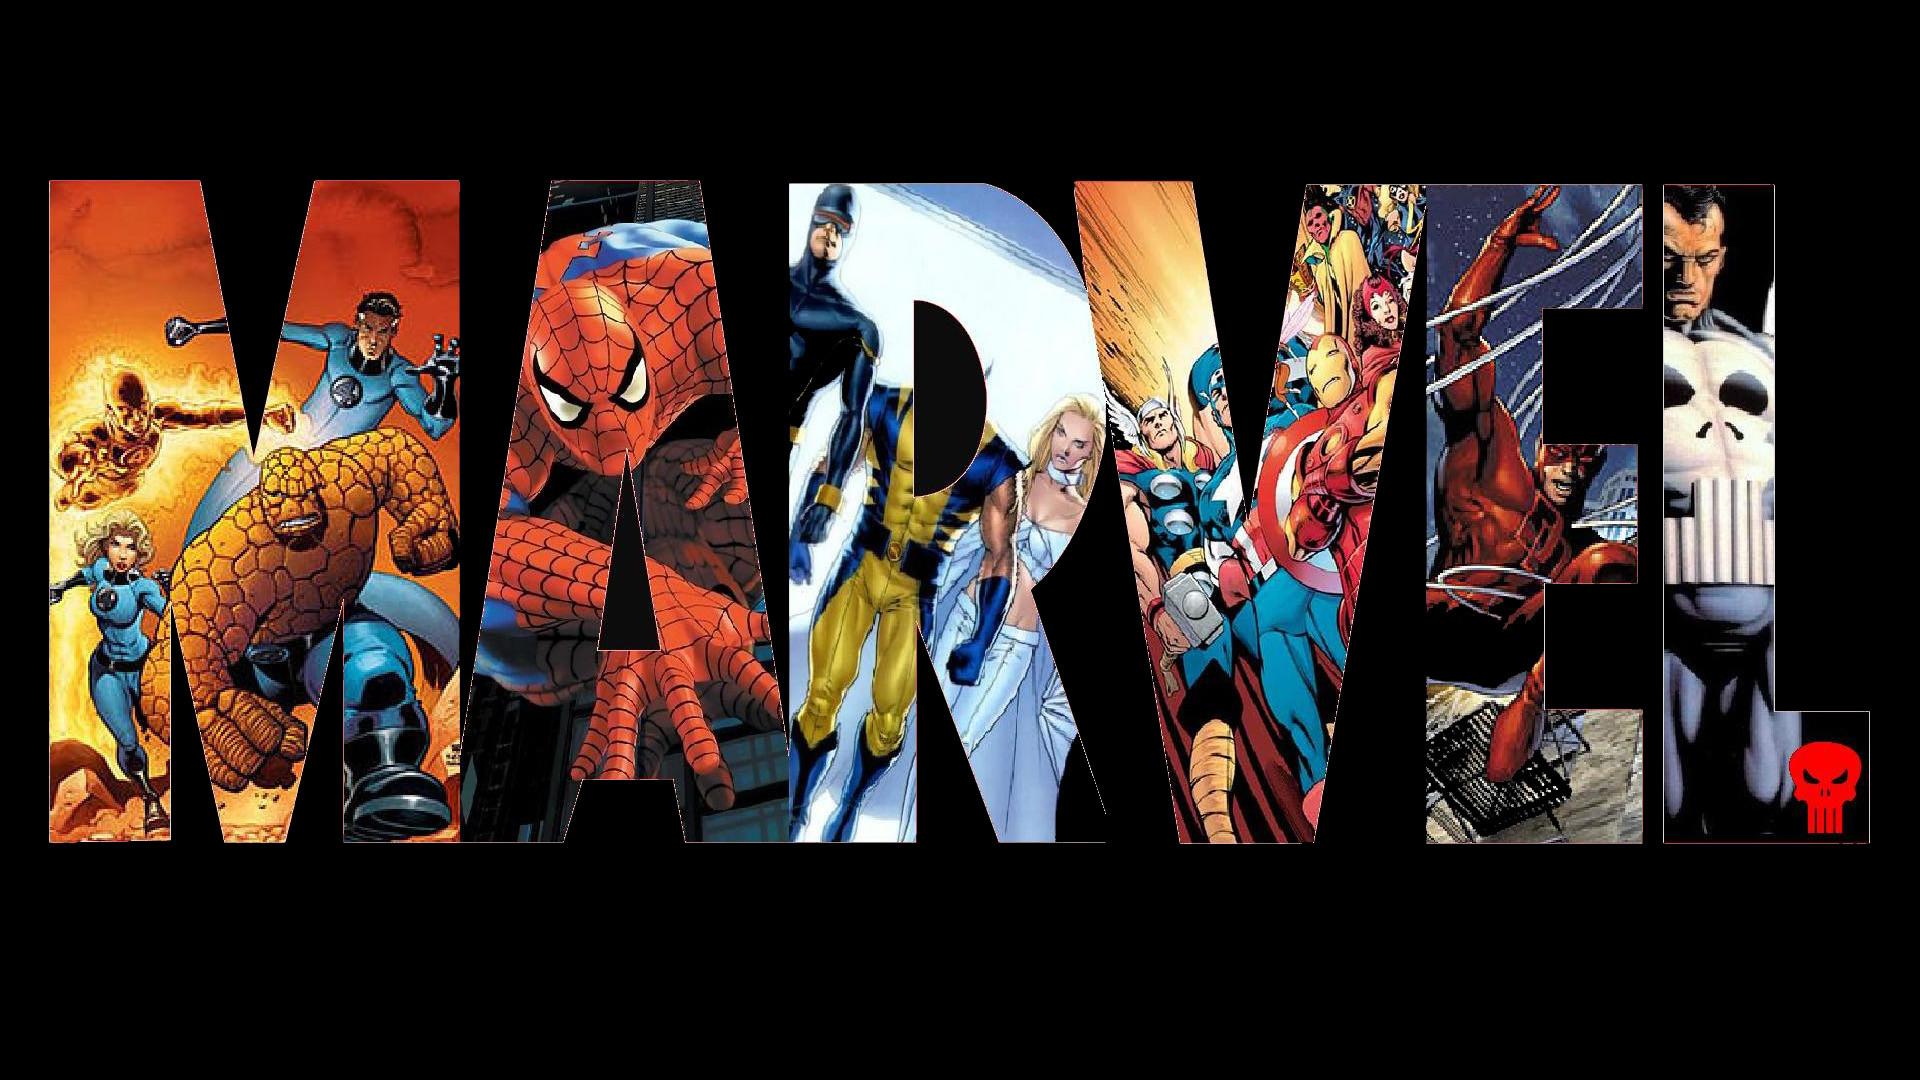 Image: Wallpaper-Marvel-RKT81.jpg